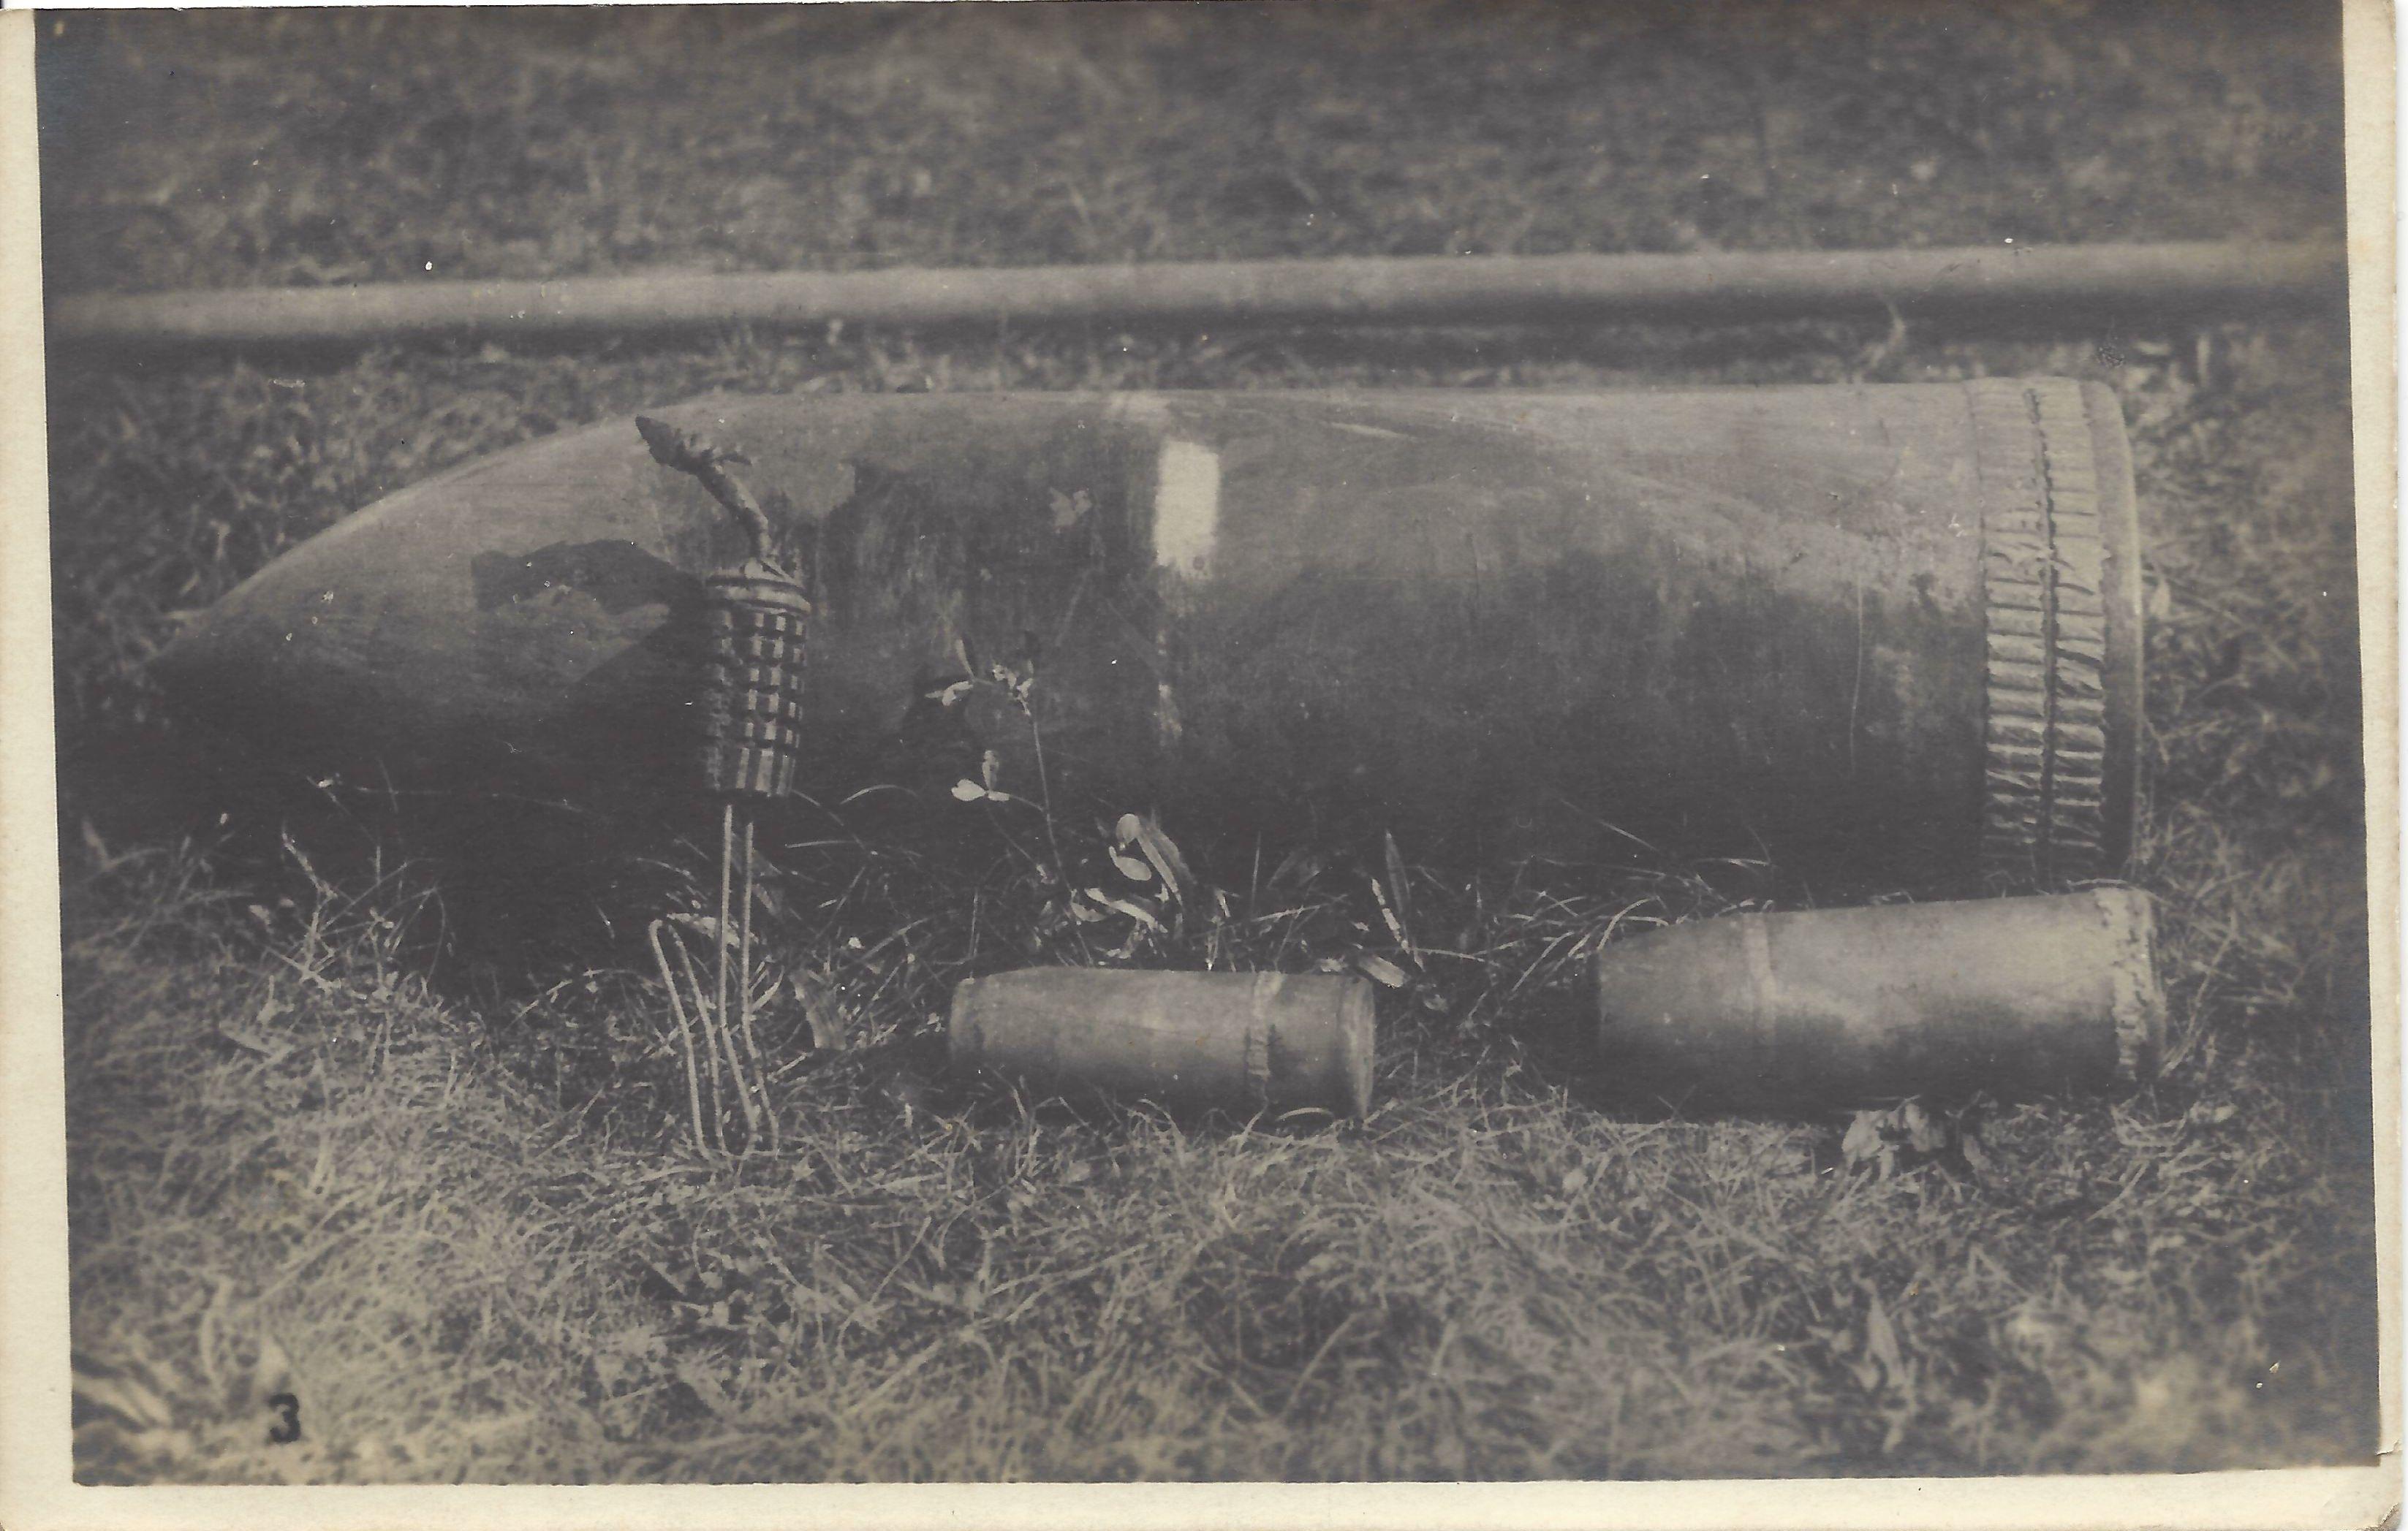 (1915-18) Obici da 305, 152, 75 e bomba a mano inesplosi